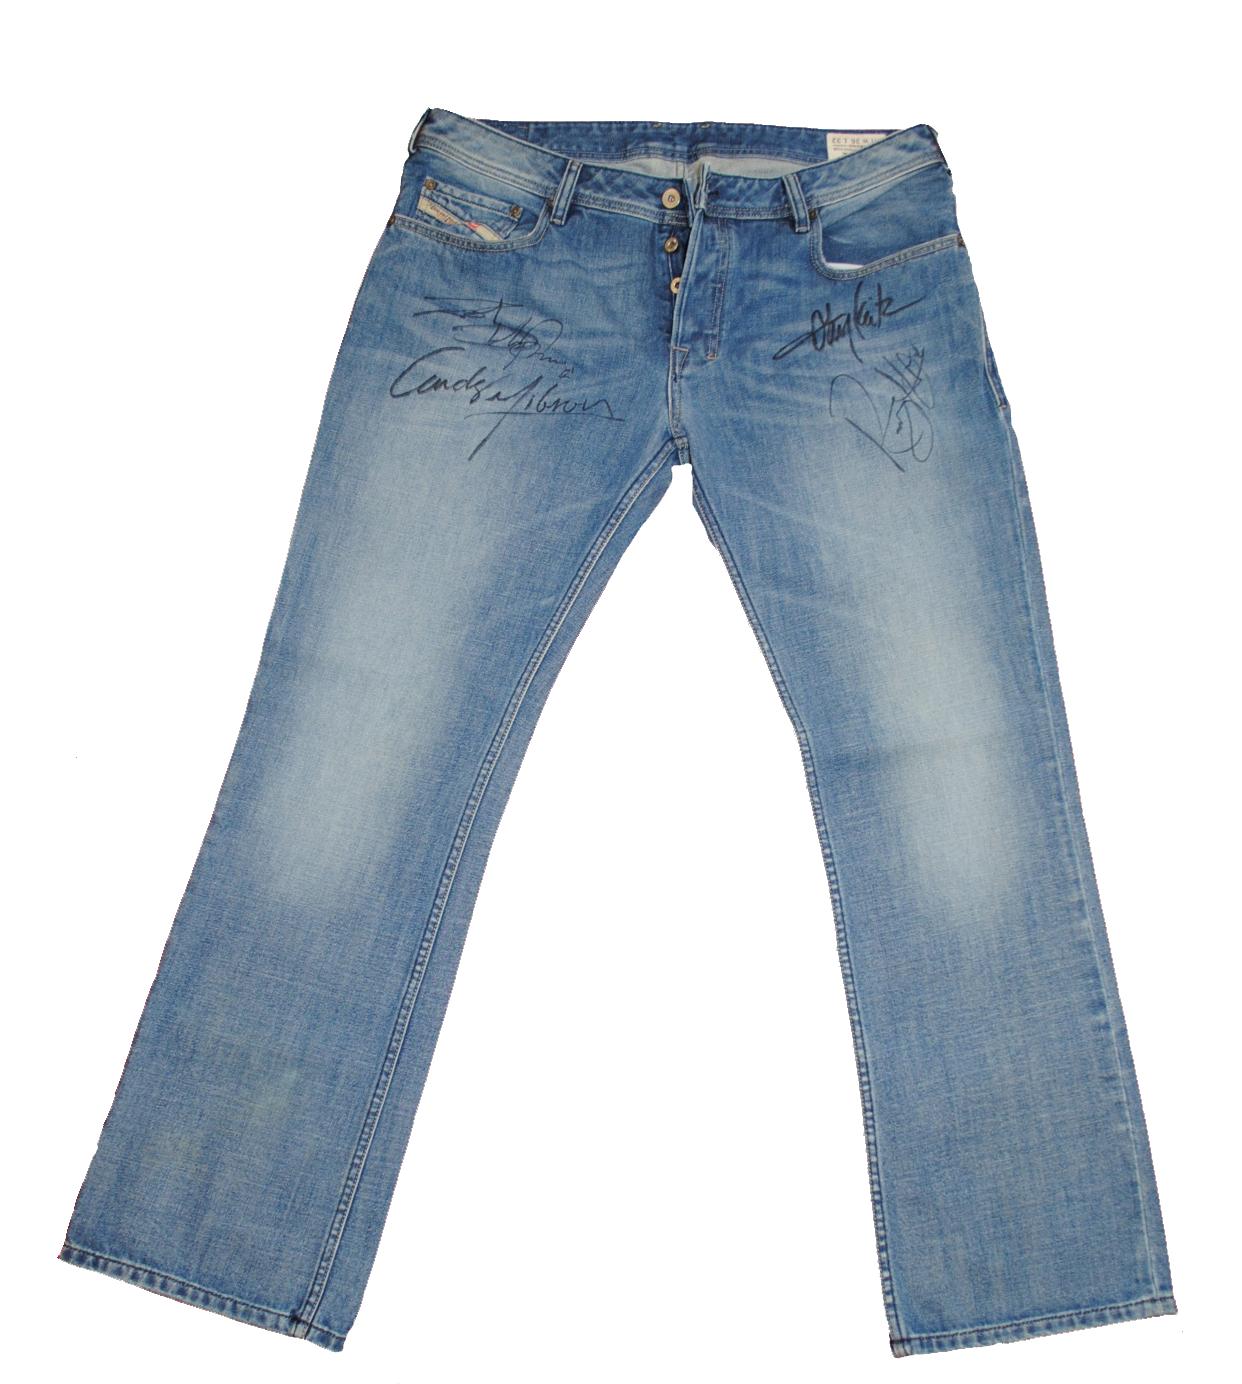 Pants clipart capris, Pants capris Transparent FREE for.